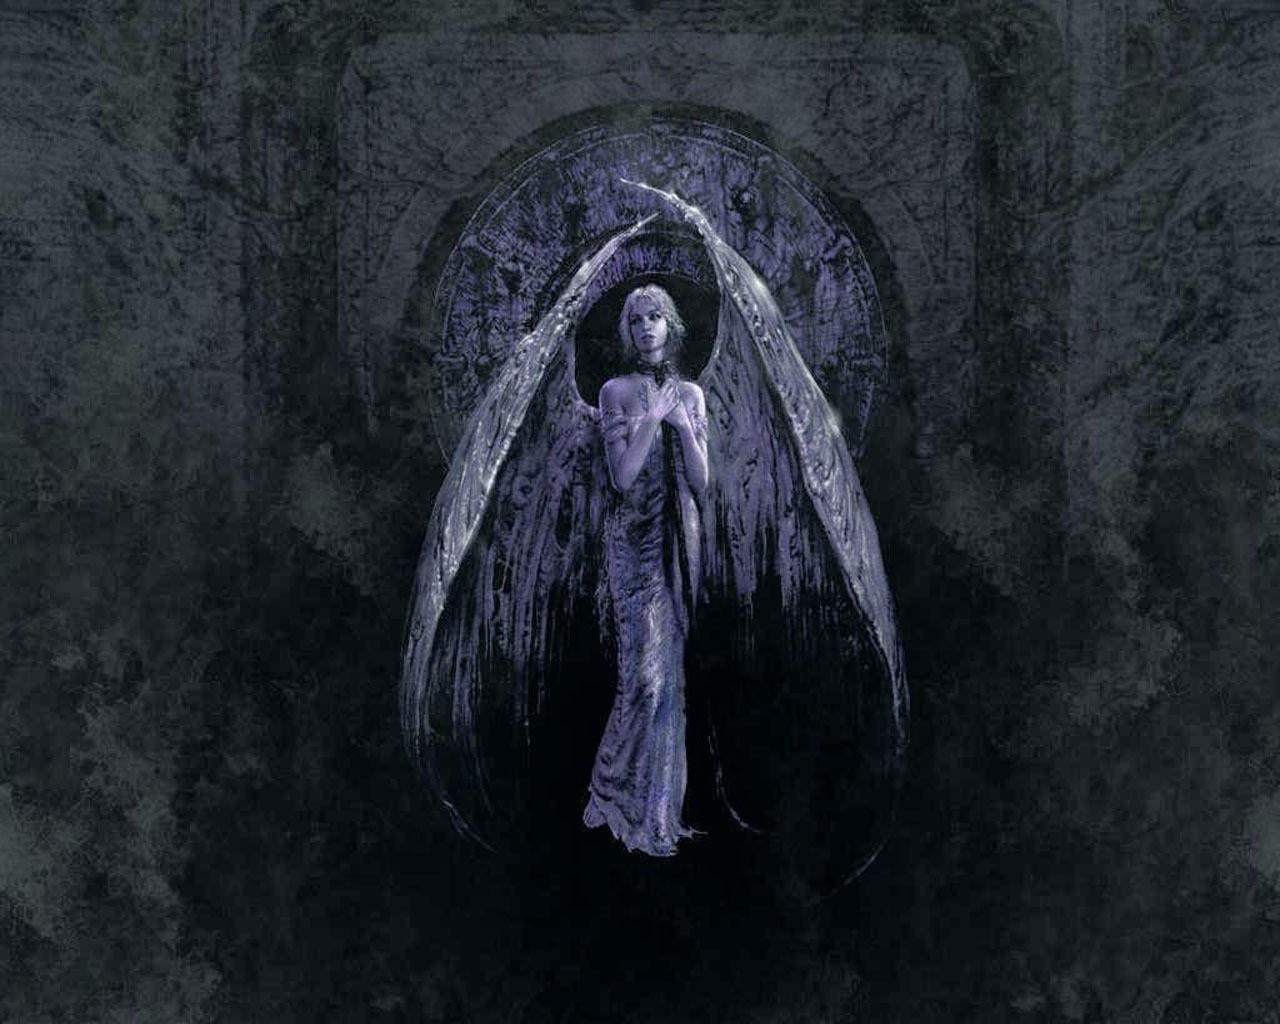 что черный ангел мистика картинки зря